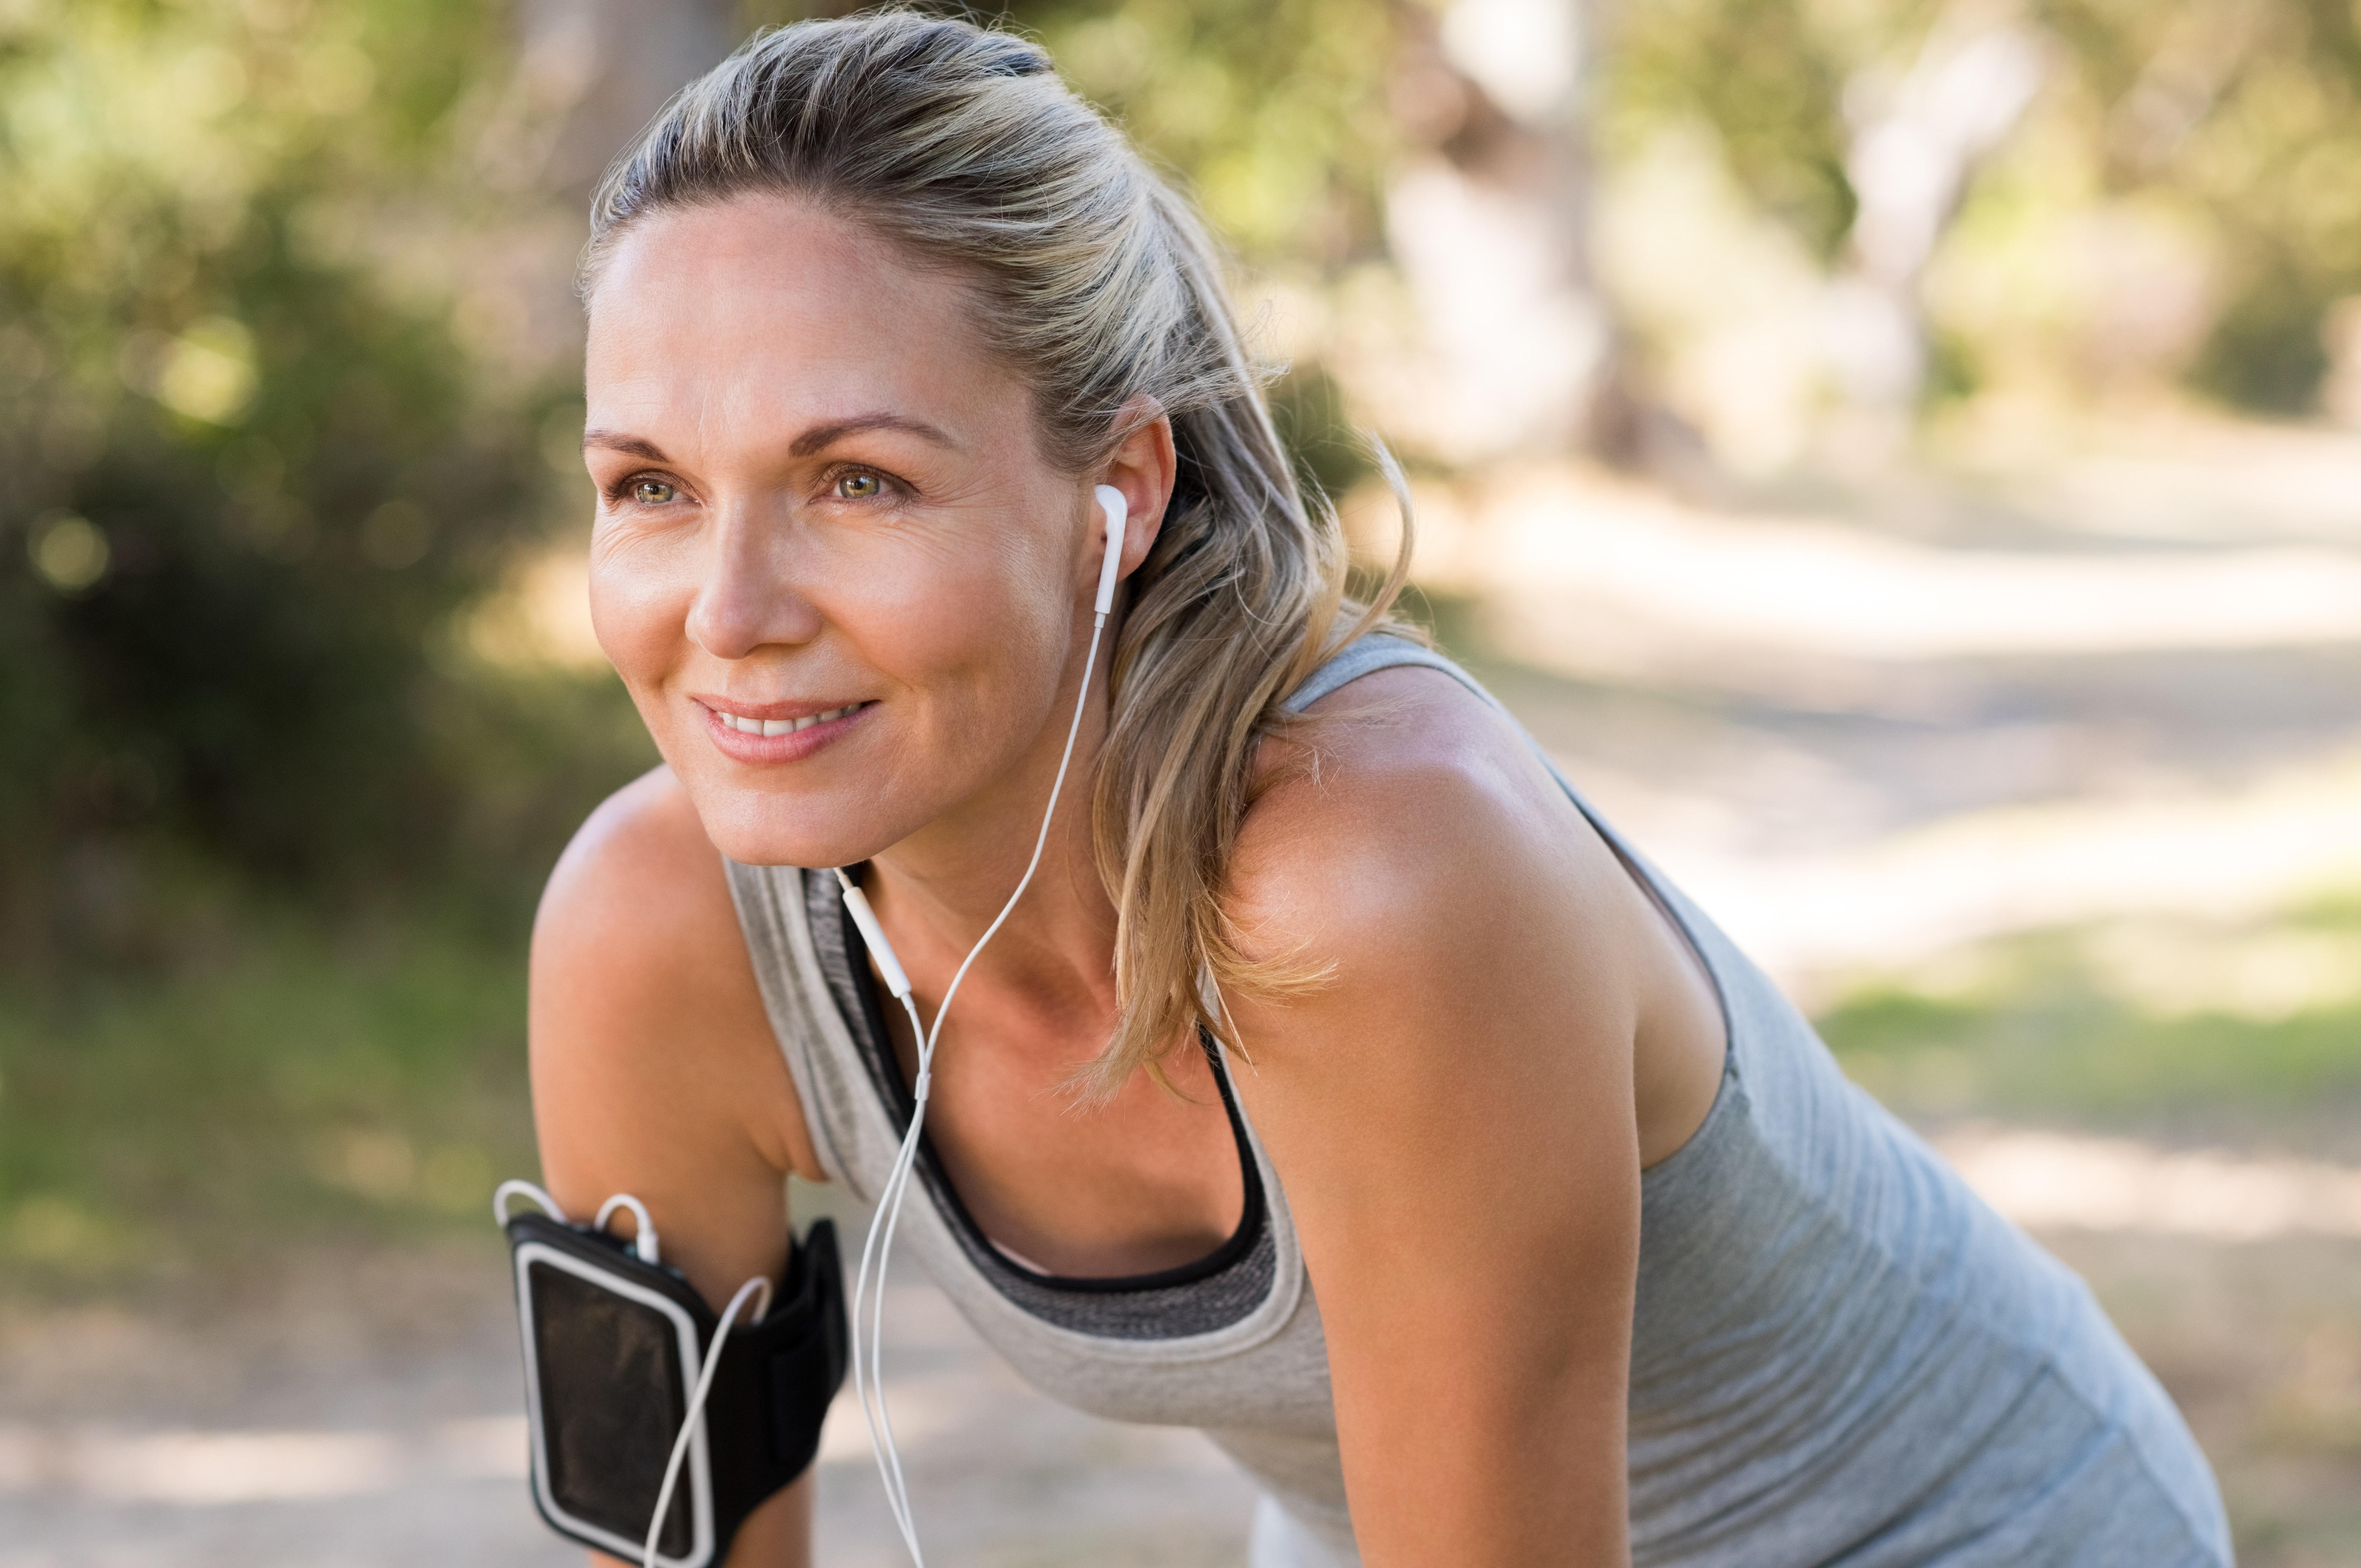 Kobieta ze słuchawkami w uszach